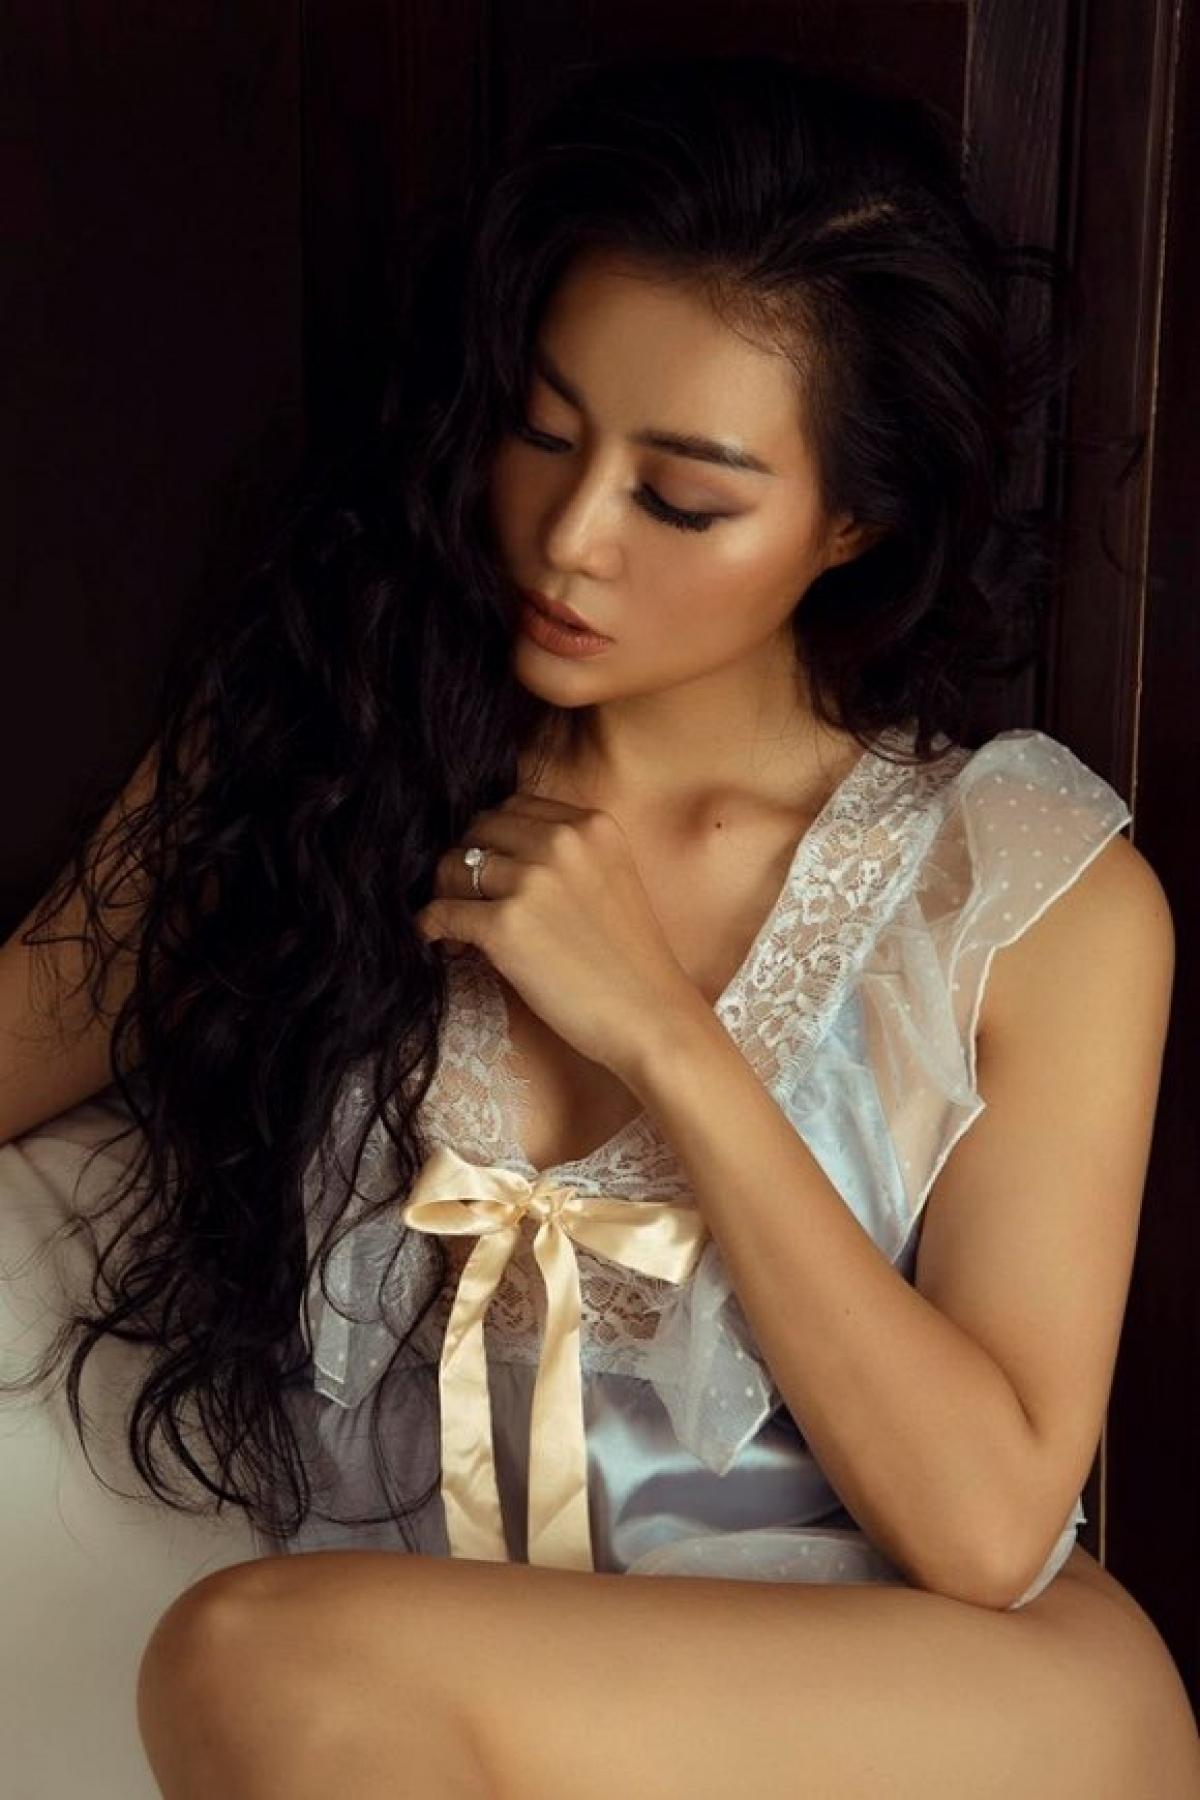 Diễn xuất của Thanh Hương thực sự thuyết phục khán giả, khi cô diễn những cảnh khóc, say rượu... thể hiện nội tâm nhân vật giằng xé, đau đớn.